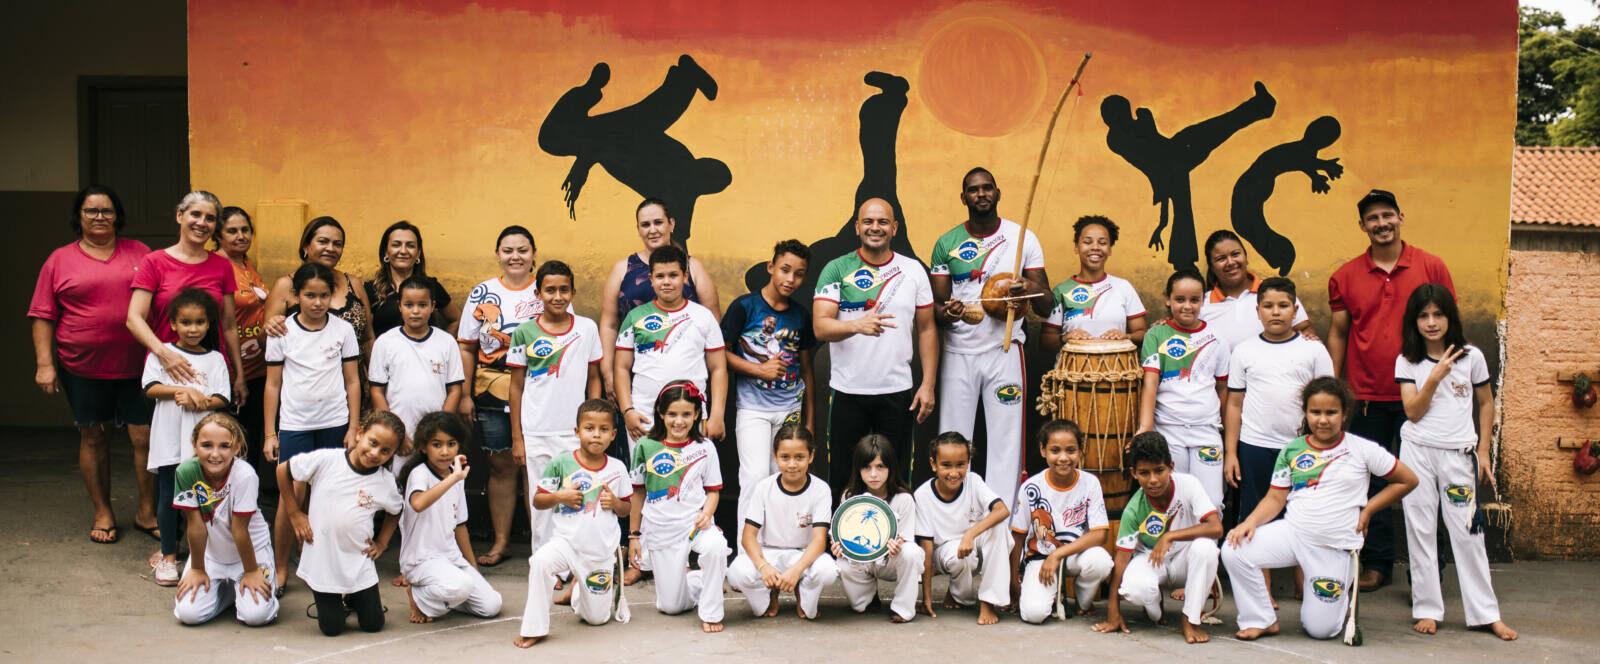 Eine Capoeira Gruppe steht vor einer bunten Wand.